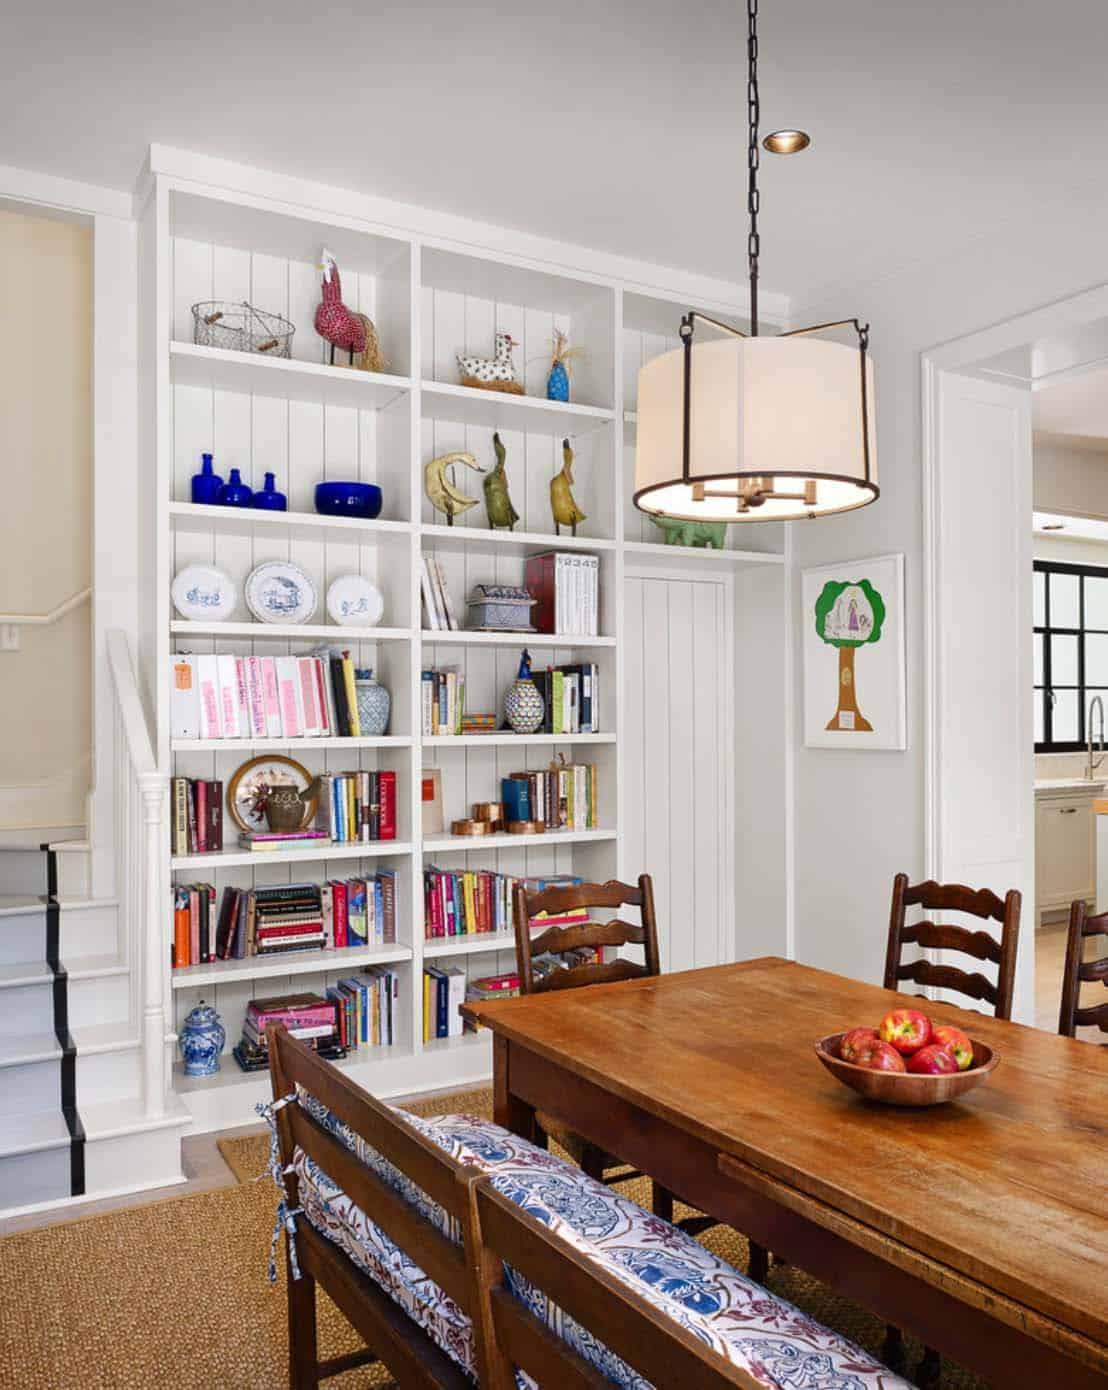 Farmhouse Style Home-Dillon Kyle Architects-10-1 Kindesign